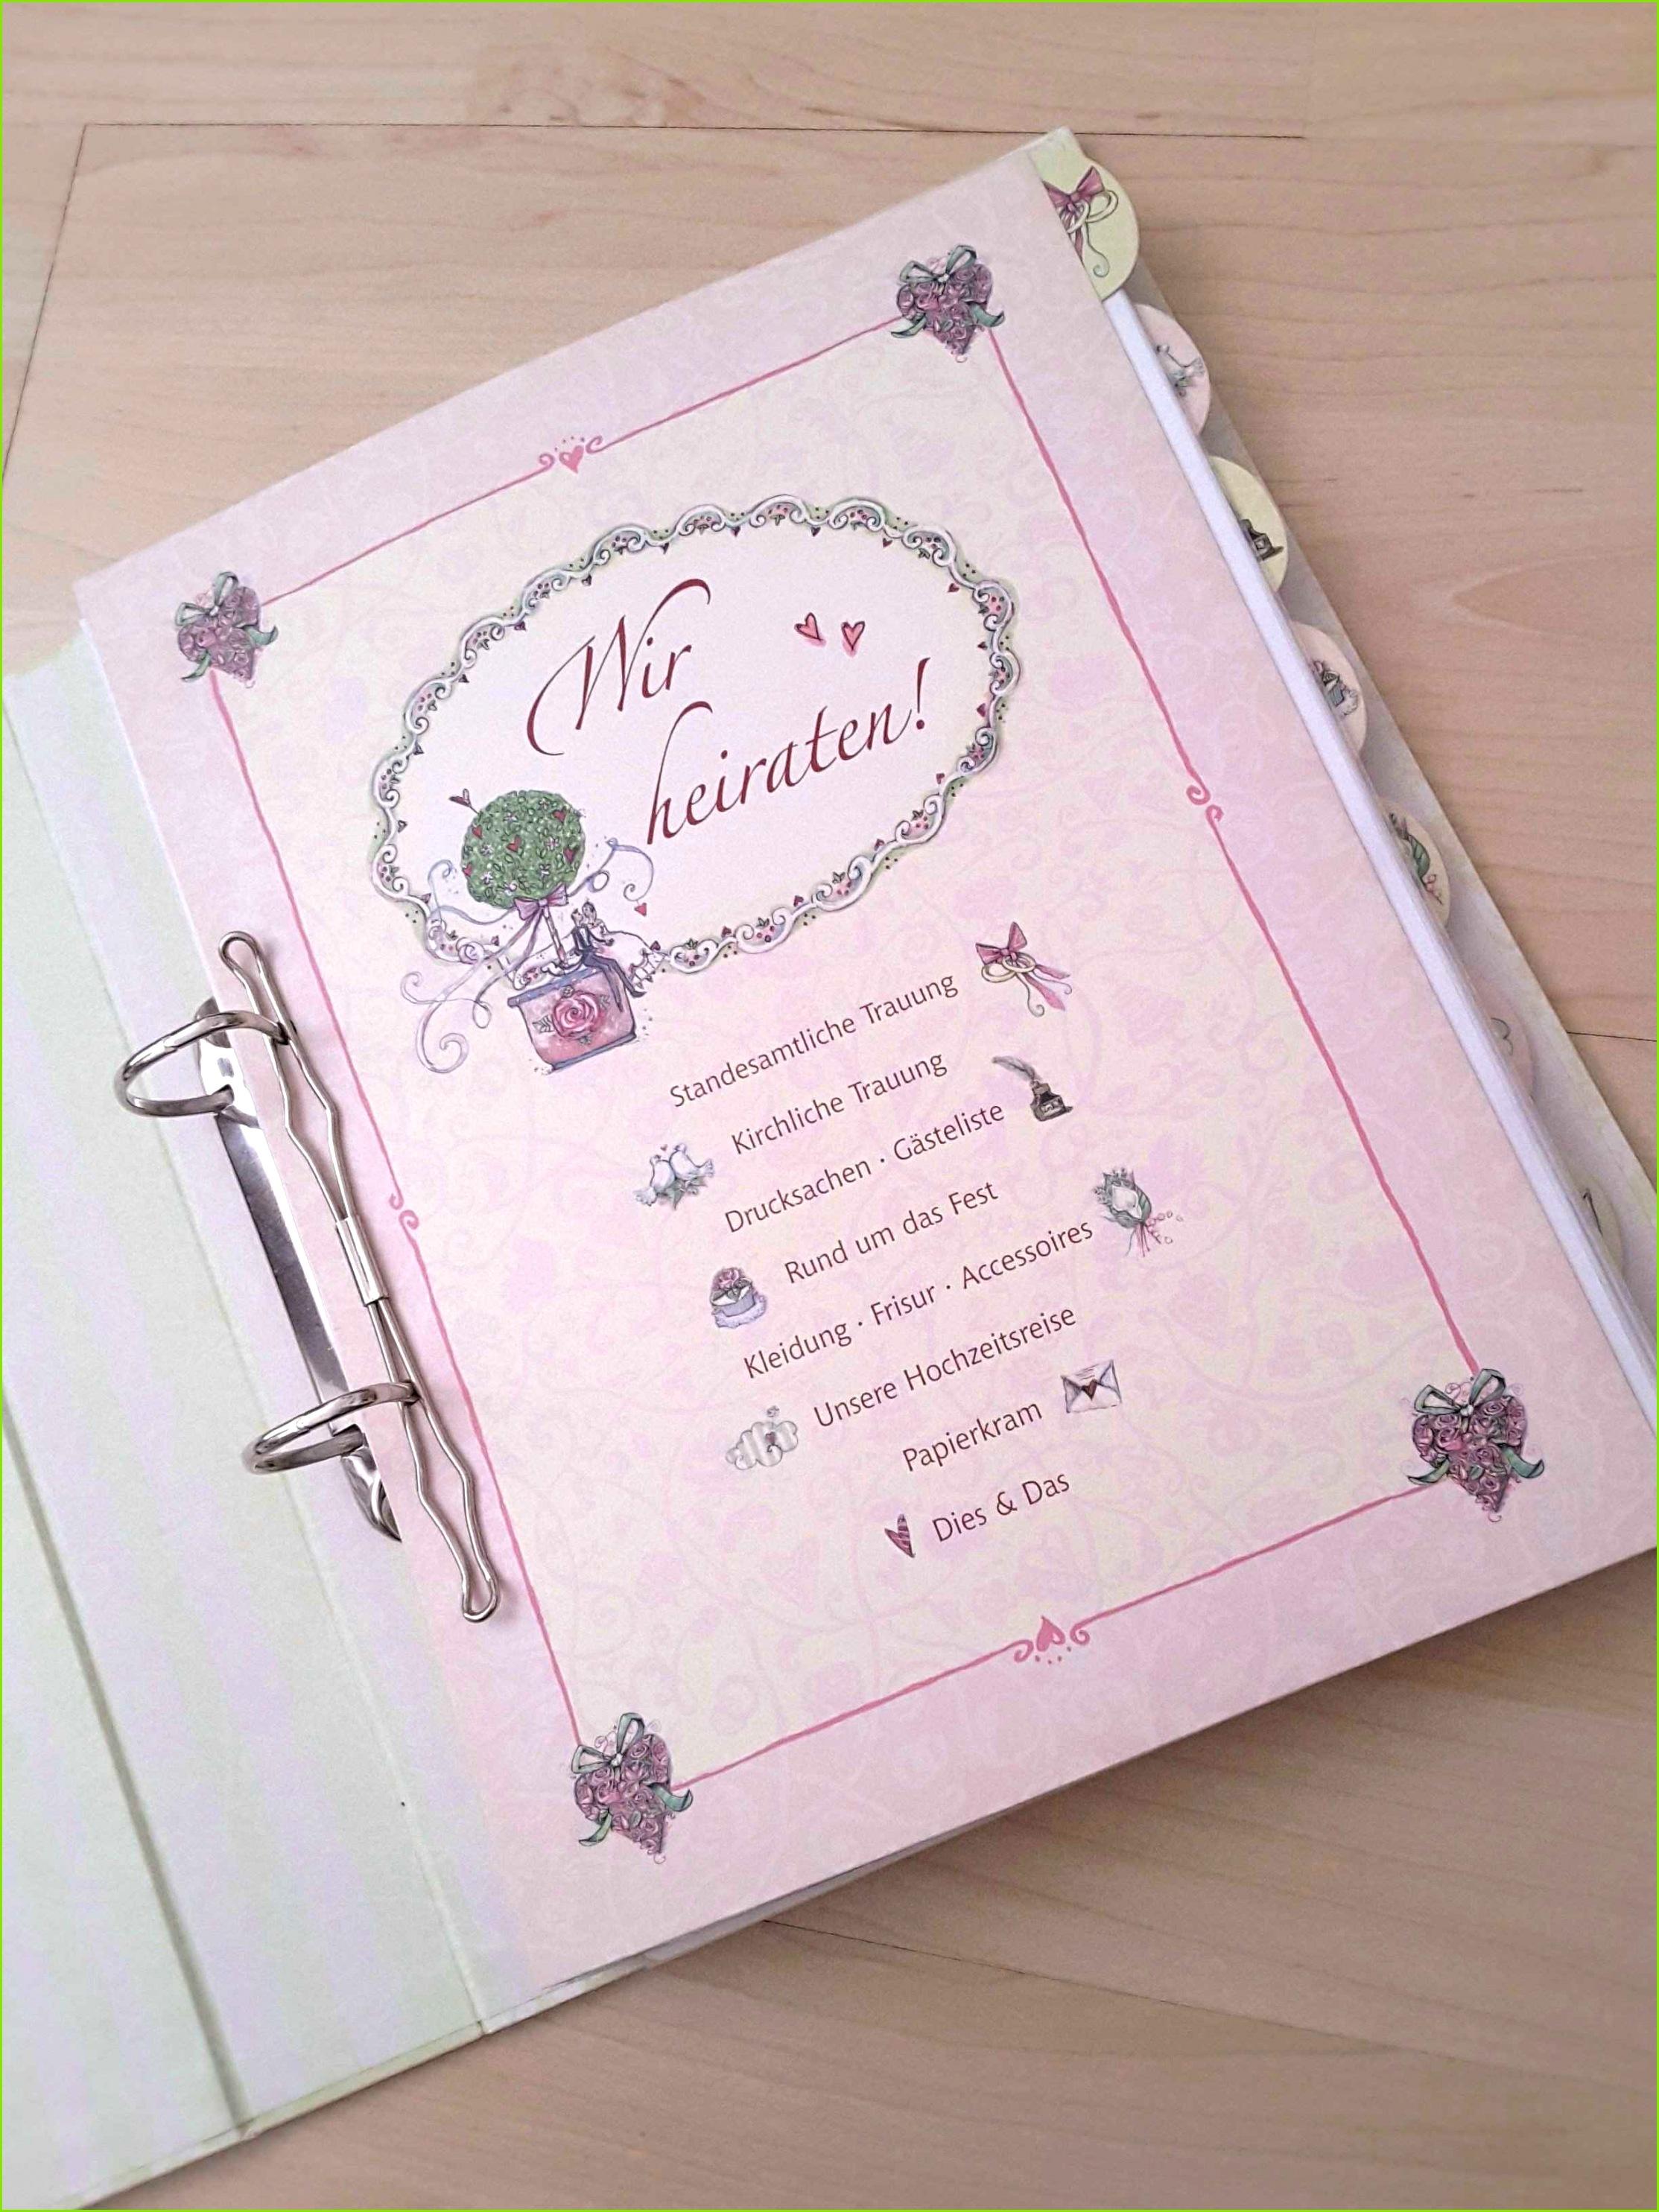 Hochzeitsrede Trauzeugin Vorlage Druckbare Hochzeitsideen Trauzeugin Einmalig Media Image 0d 59 82 34 Detaillierte Hochzeitsrede